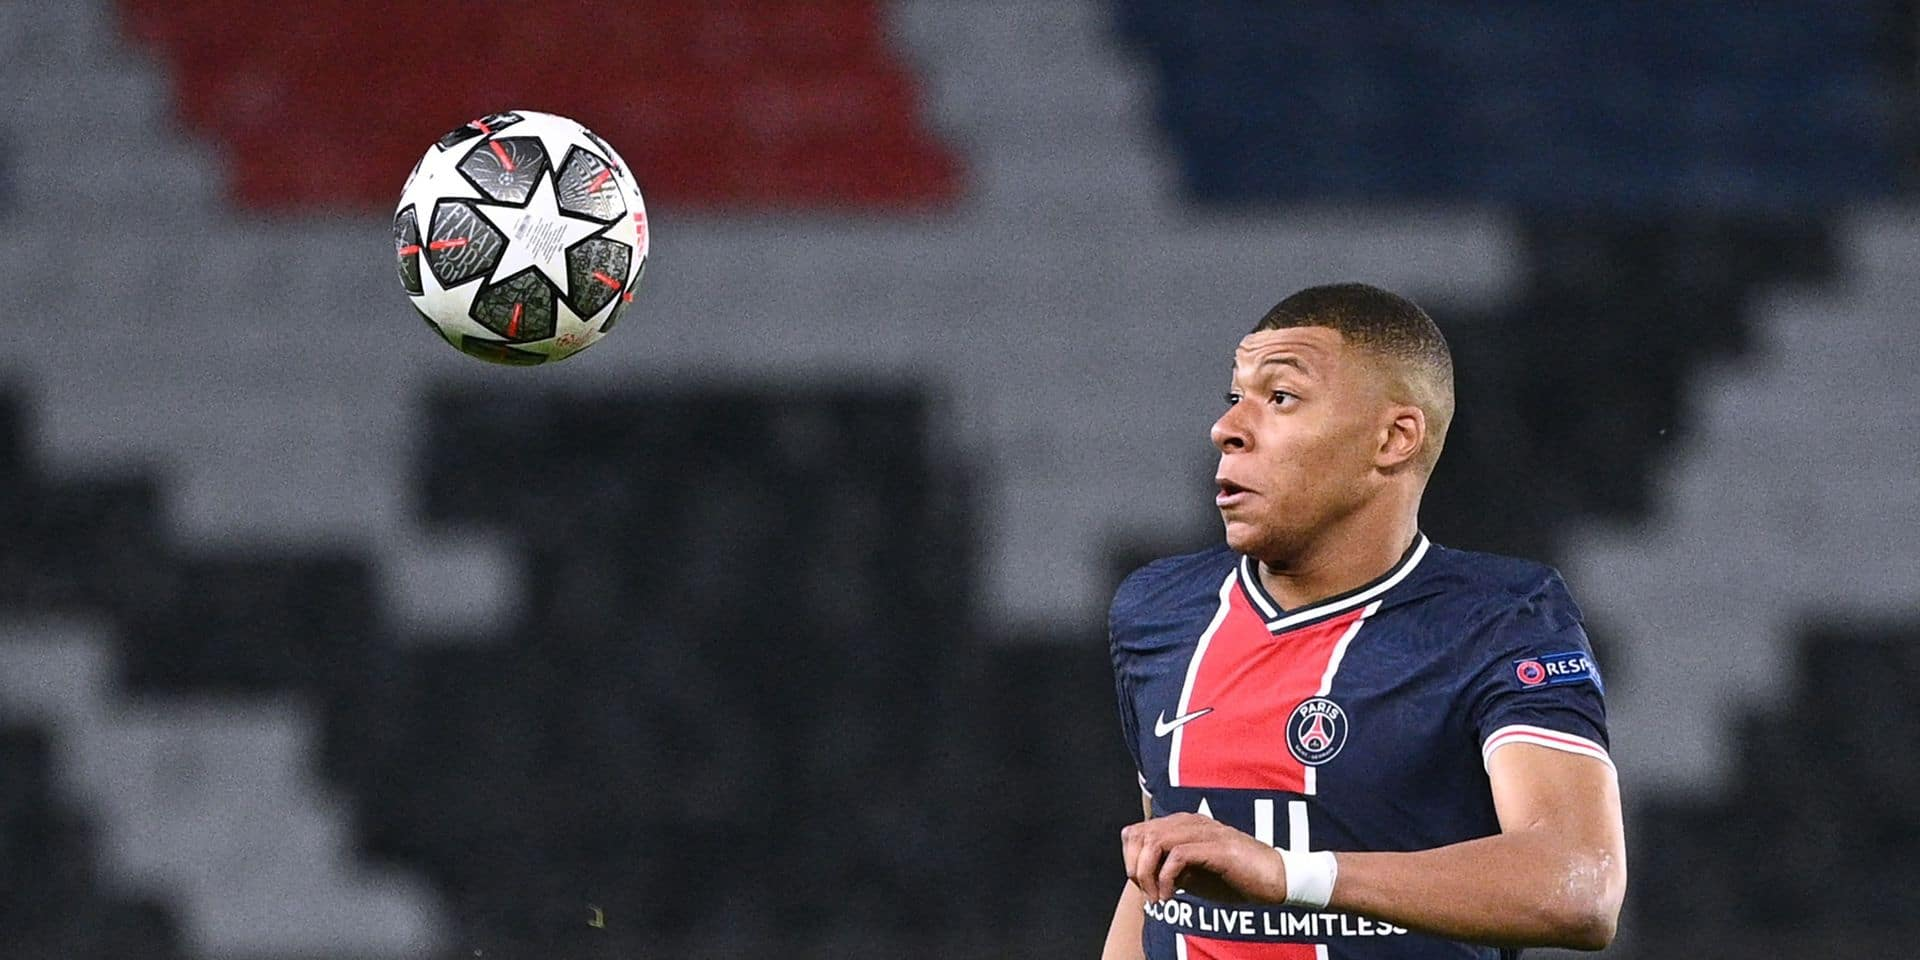 Le PSG peut trembler: le club prendra sa décision mardi pour Mbappé avant le choc face à City